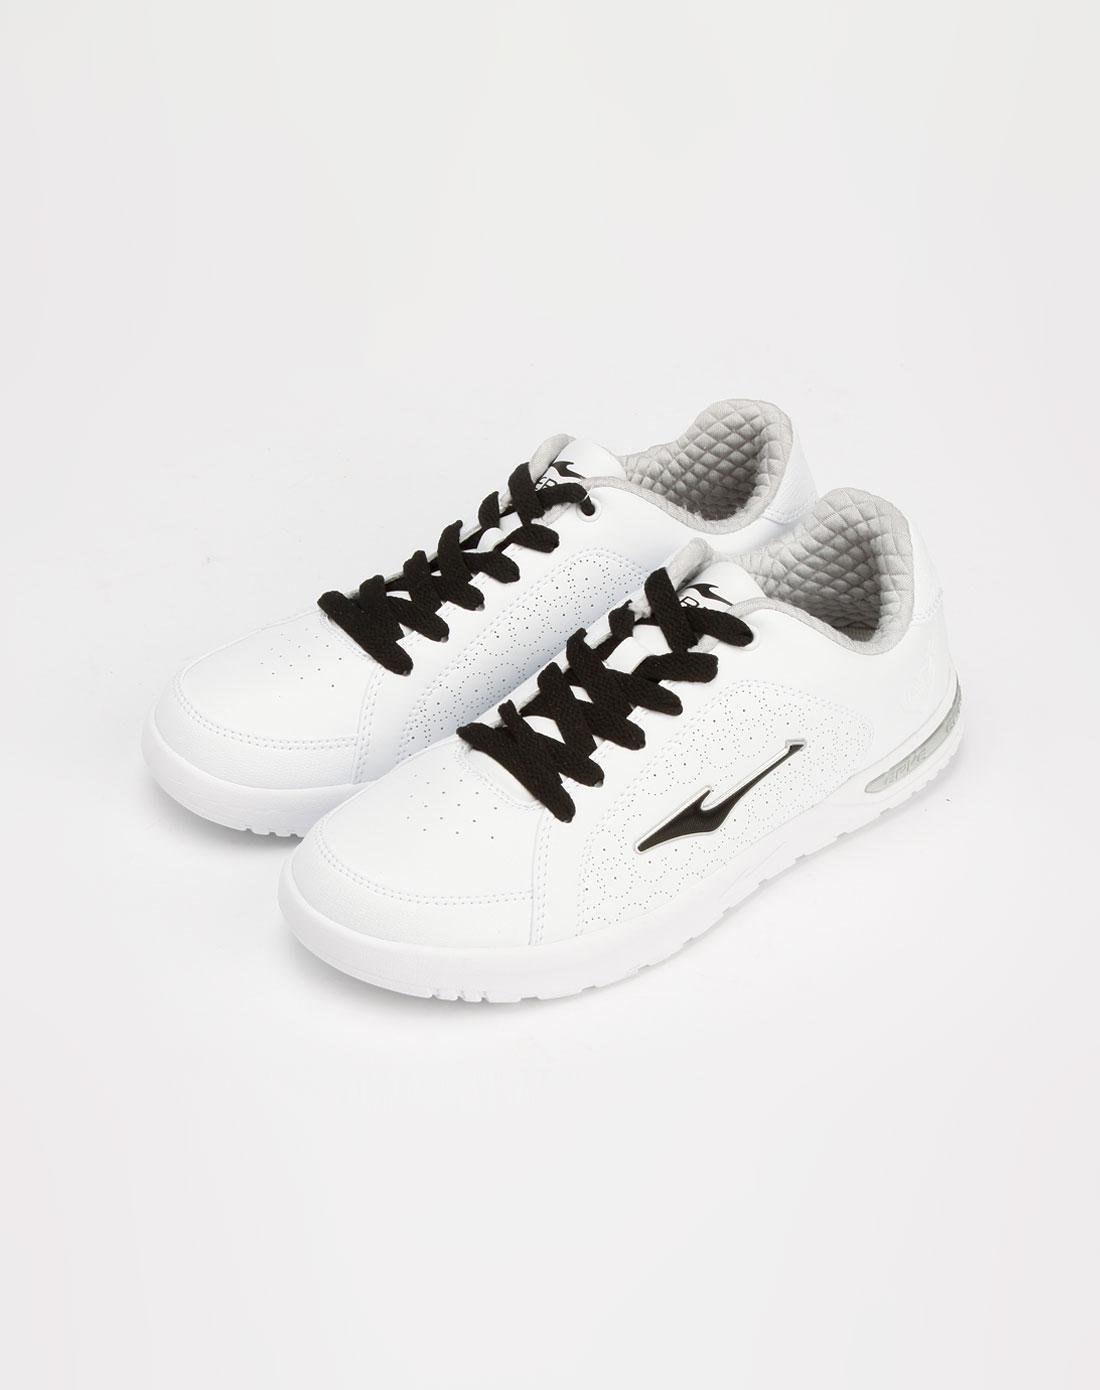 ERKE滑板鞋